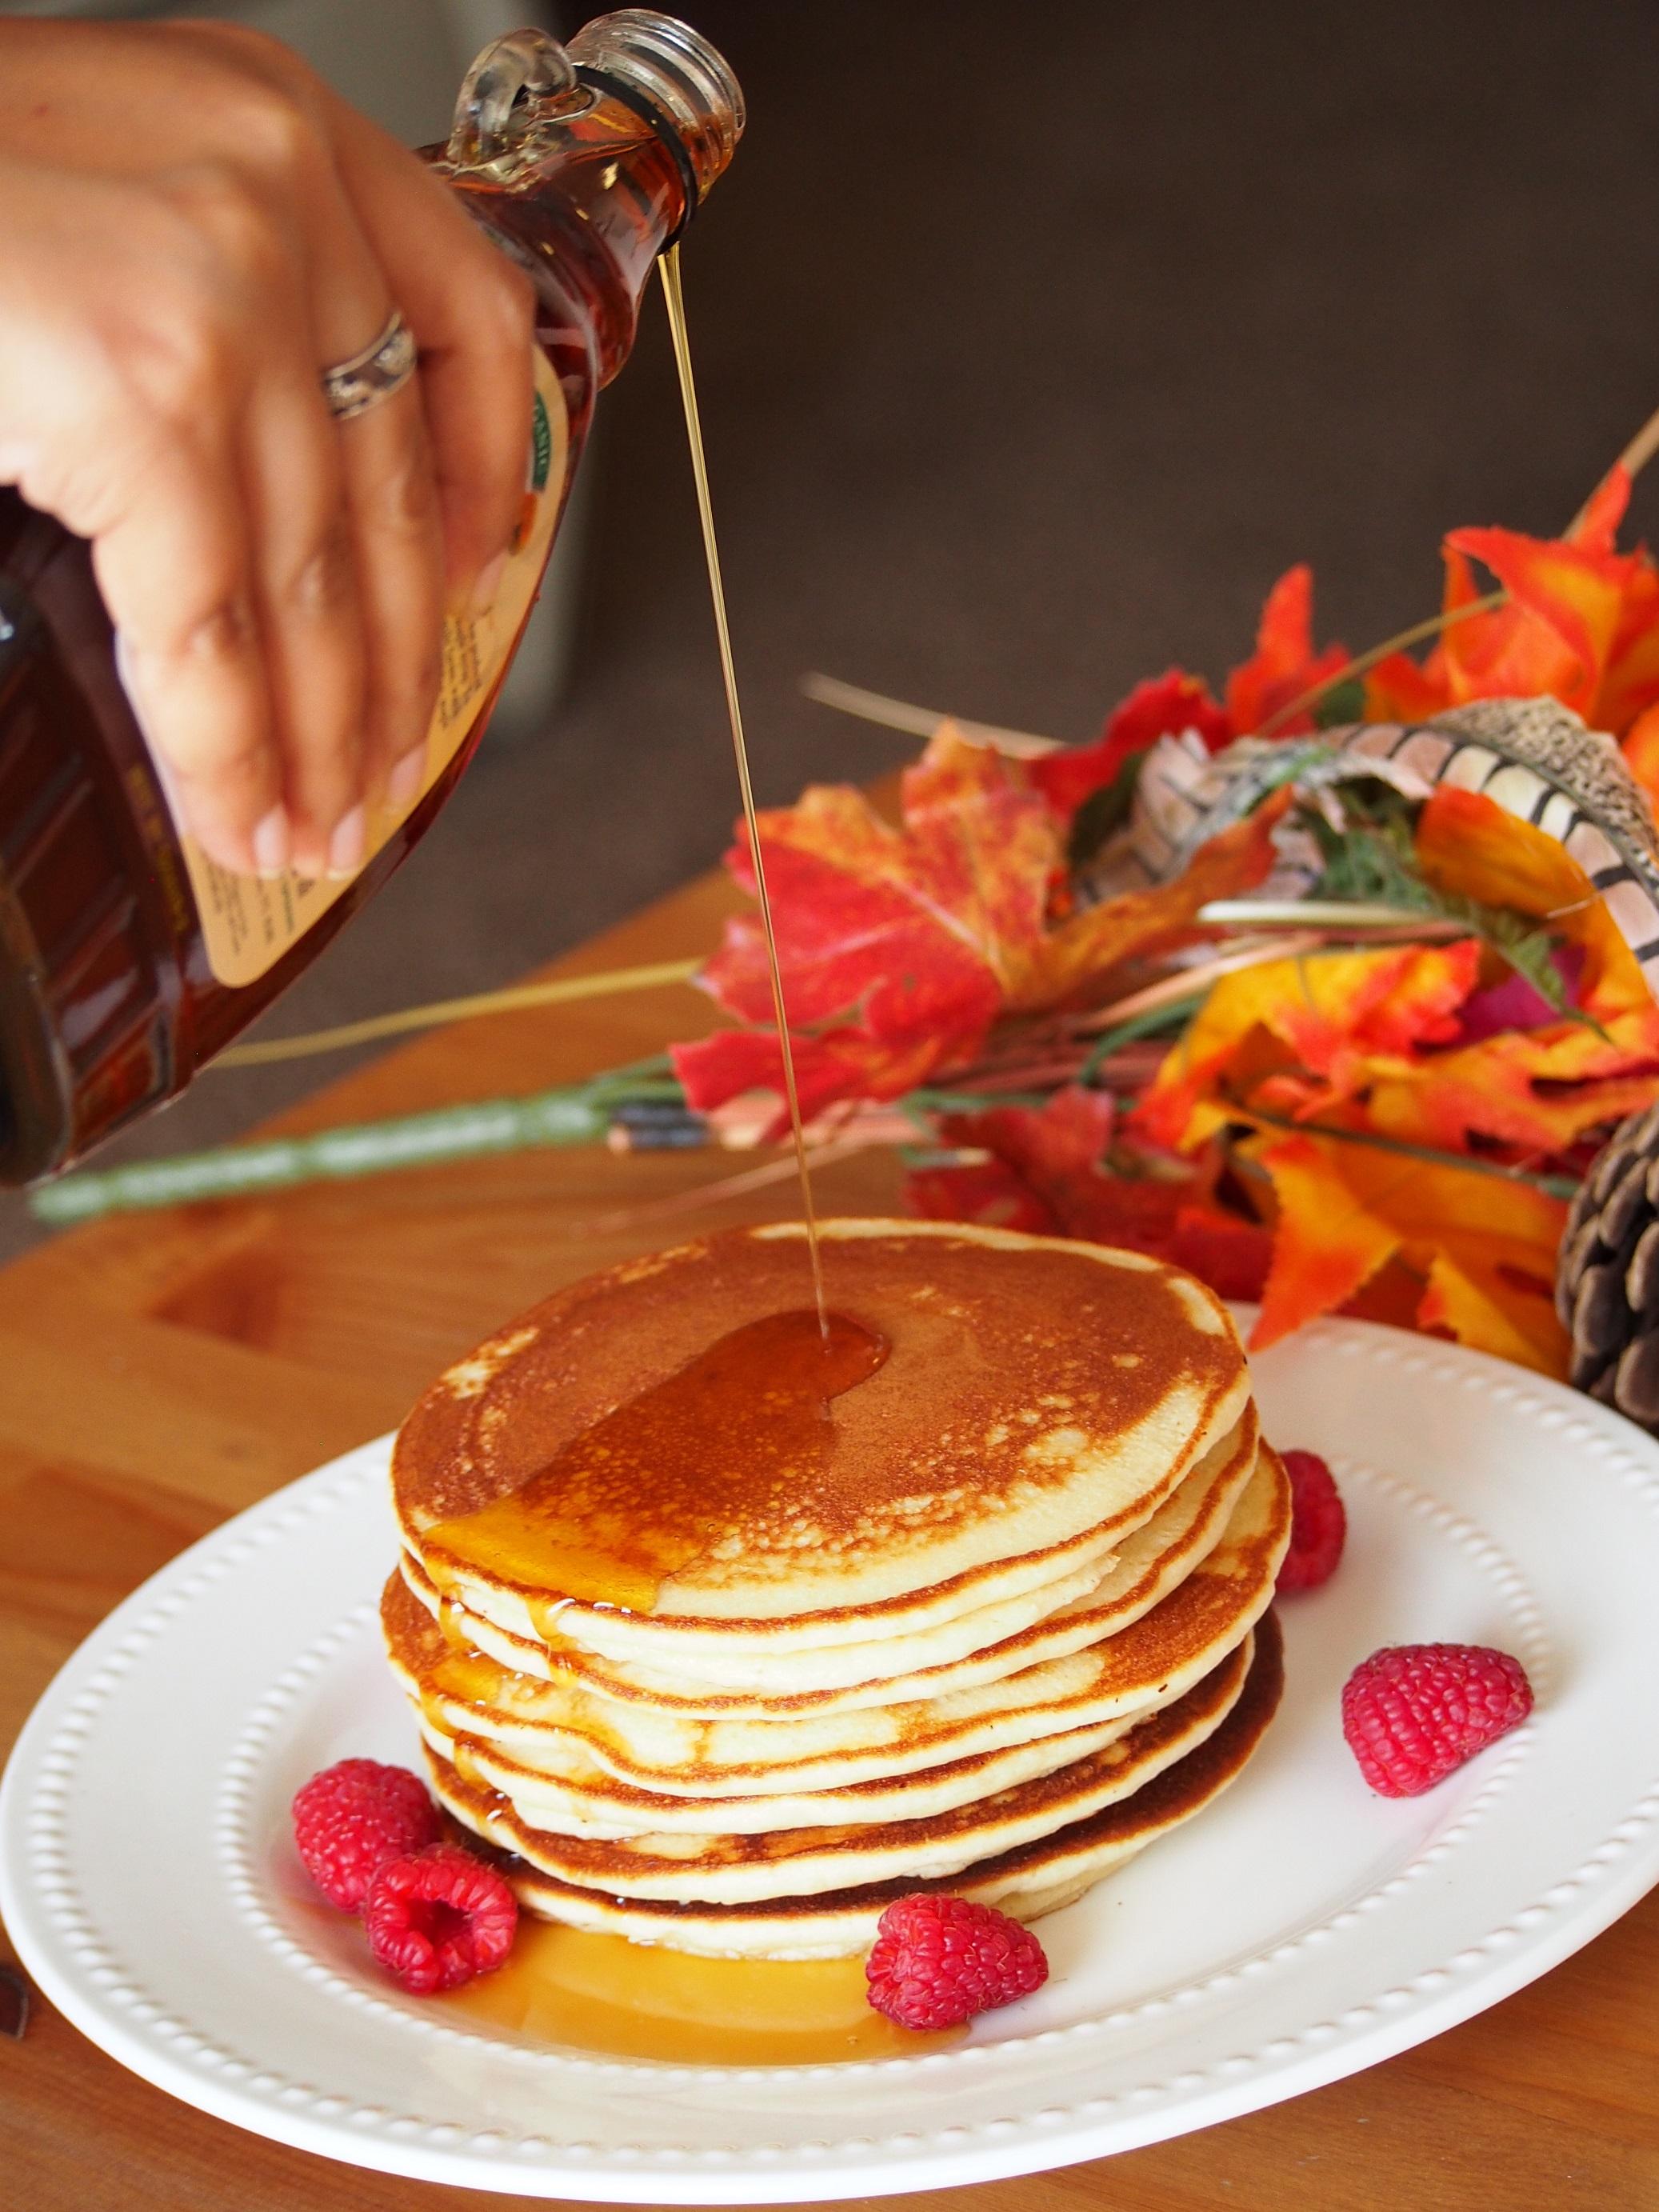 almond-flour-pancakes-girlinchief